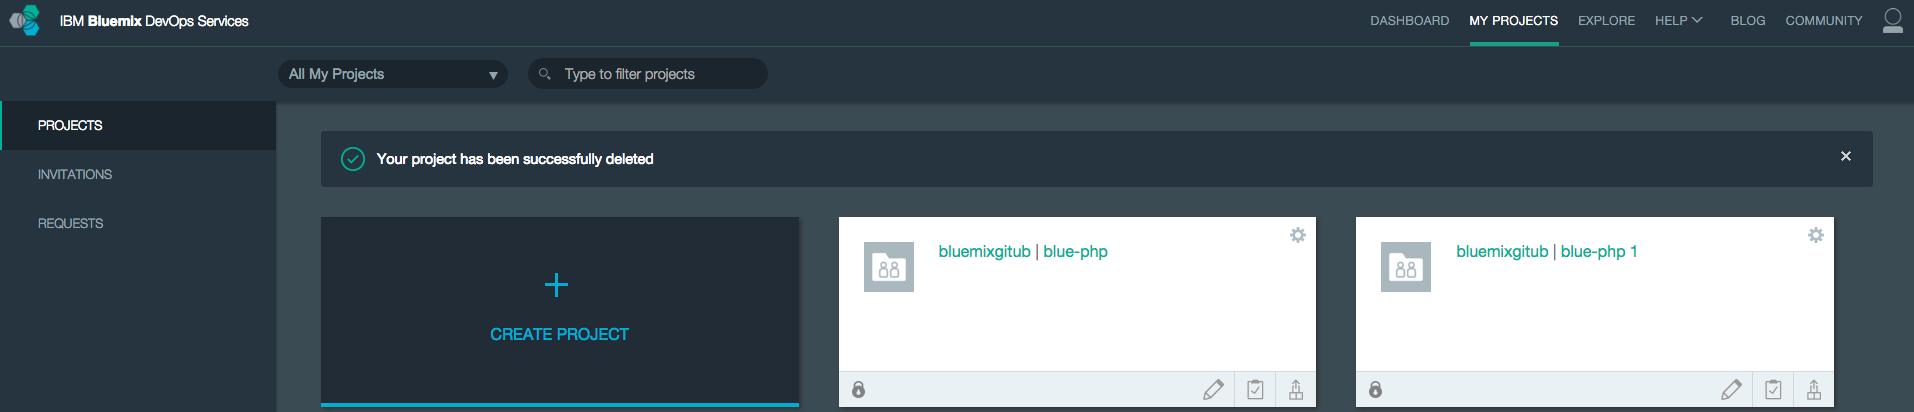 スクリーンショット 2015-11-24 0.05.37.png